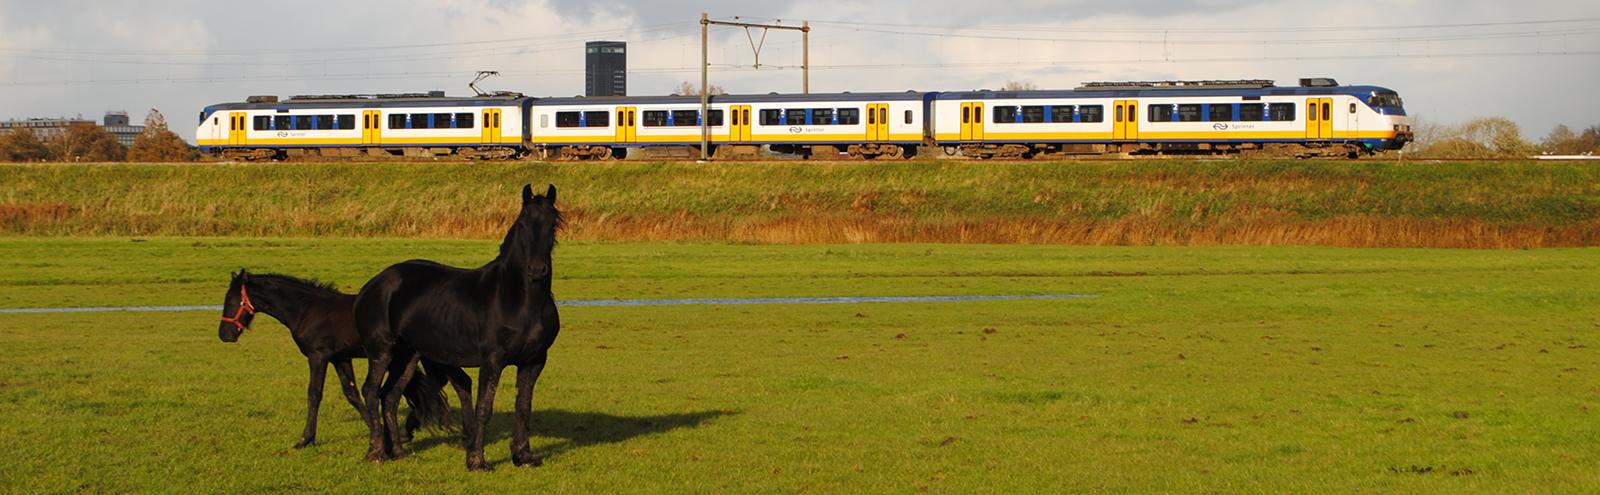 Werkgroep Spoor in Friesland